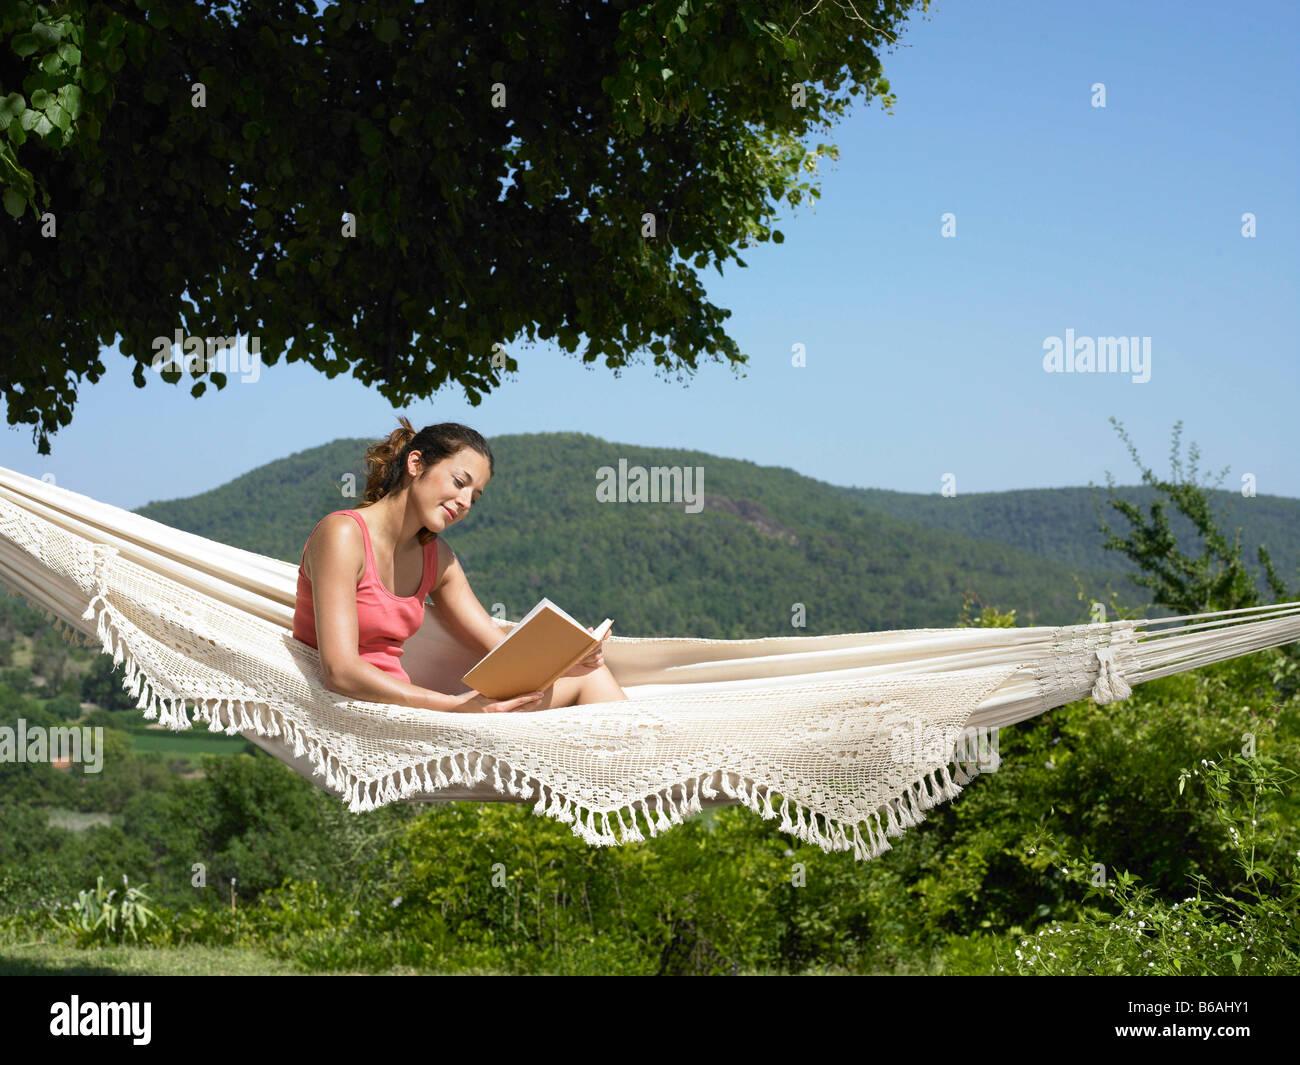 Girl reading in hammock - Stock Image